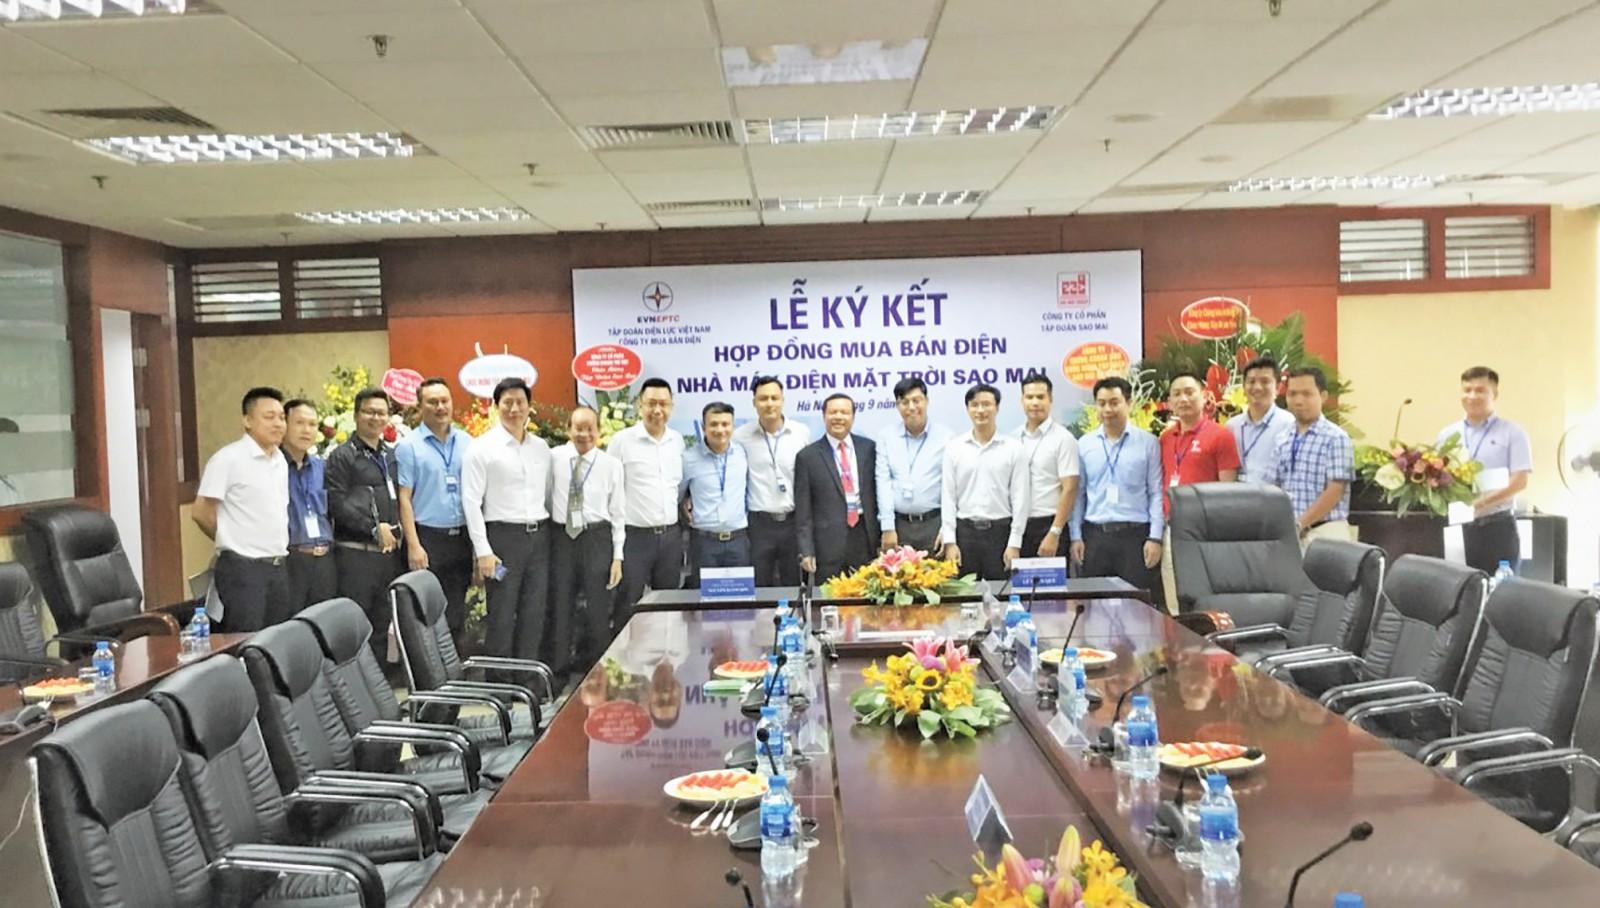 Trước đó Tập đoàn Sao Mai đã ký kết hợp đồng mua bán điện với EVN, khi dự án hoàn thành sẽ được đấu nối lên lưới điện quốc gia. Ảnh: HỒ NHUNG